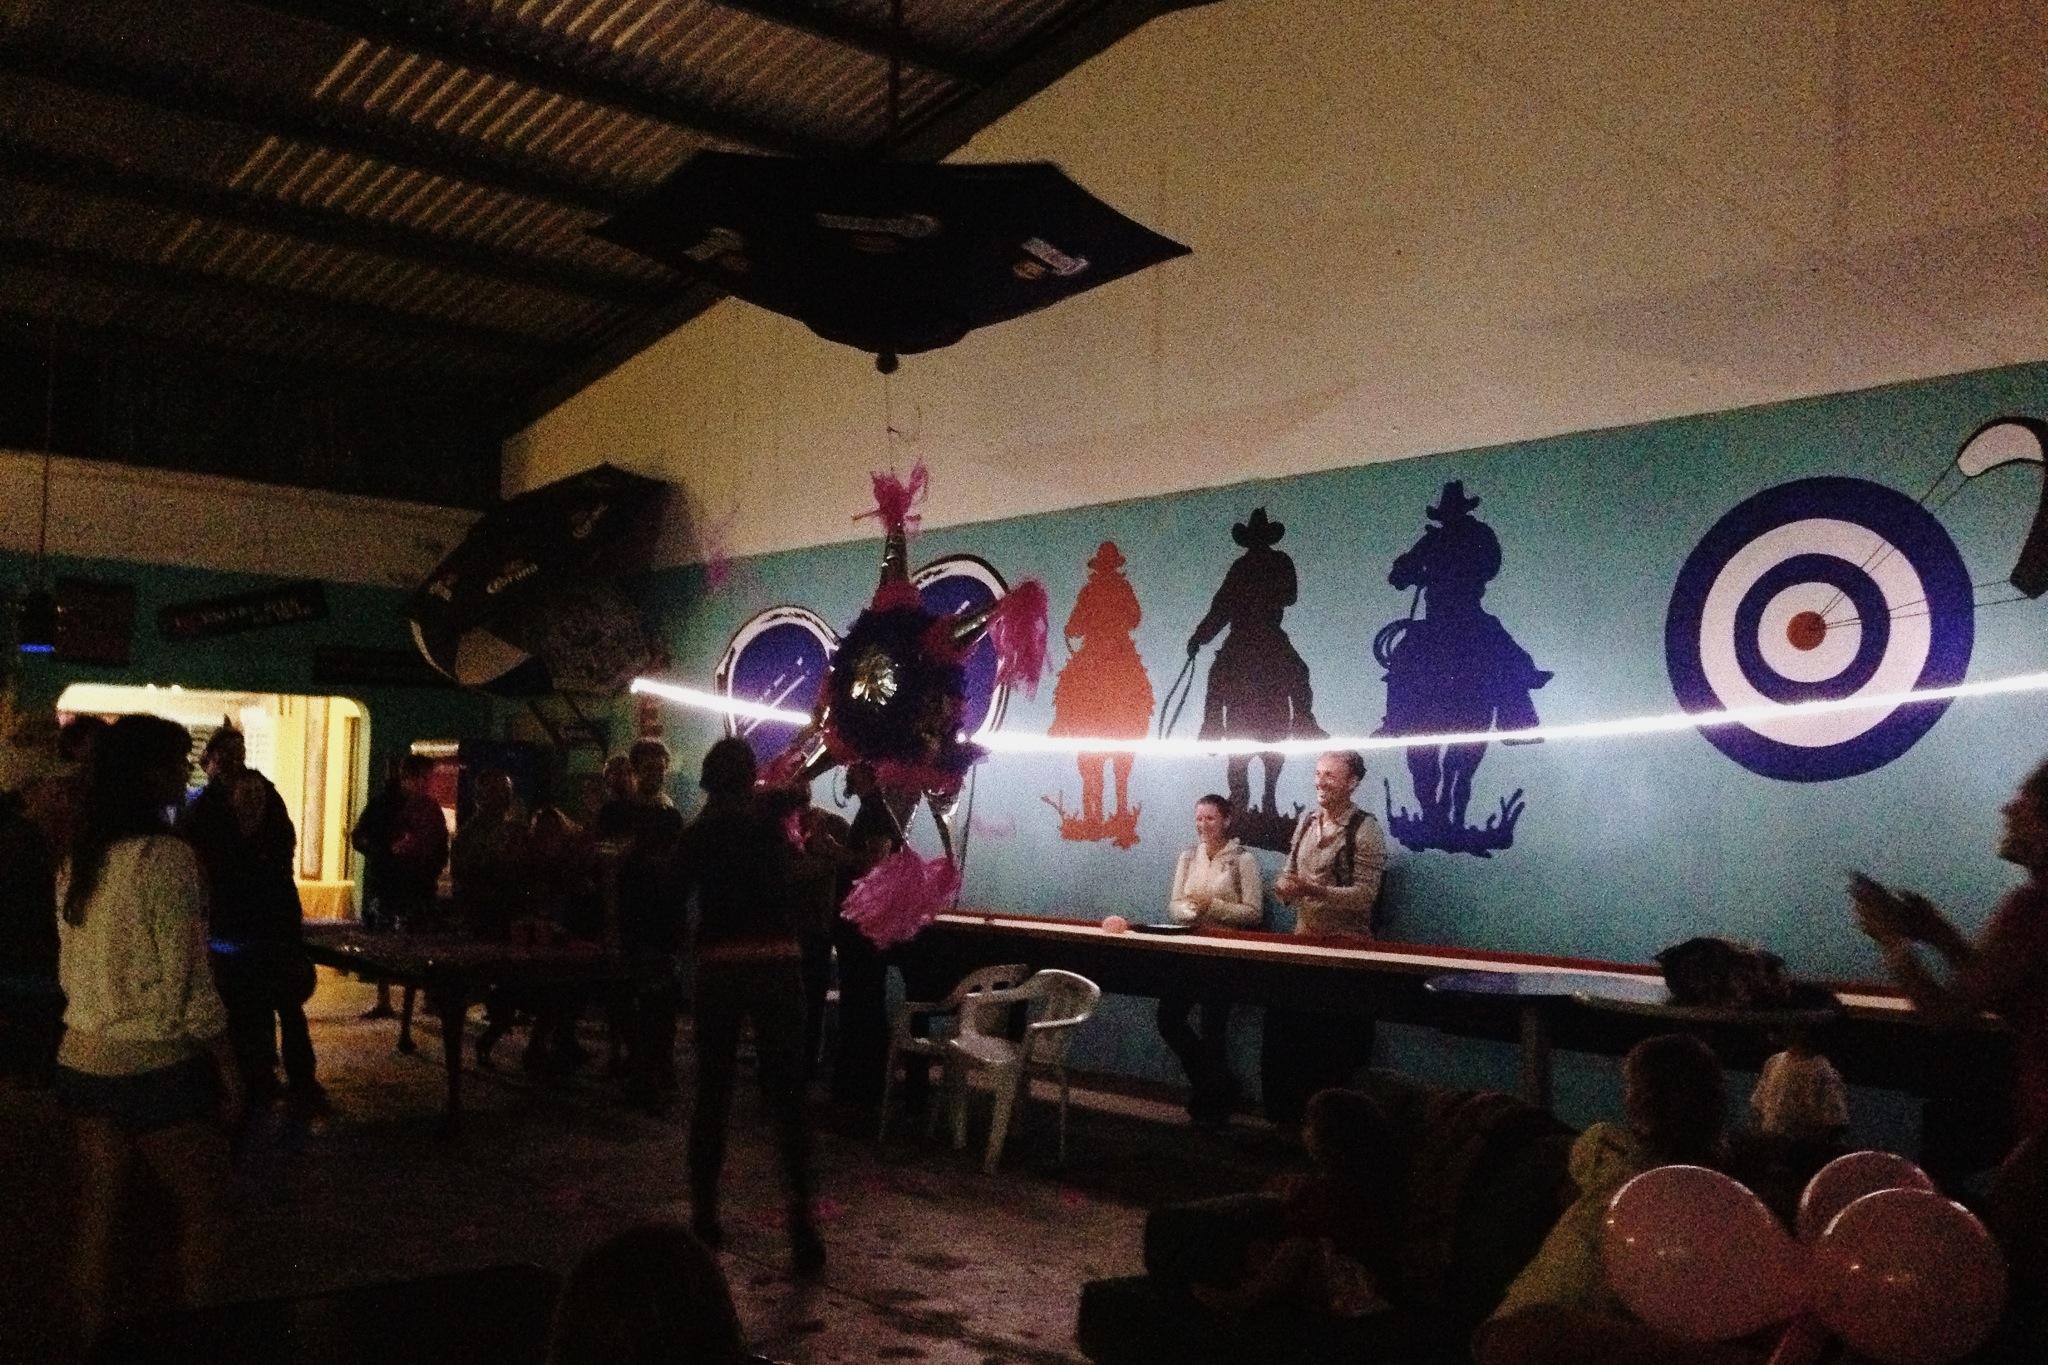 Birthday piñata party at Playa Central